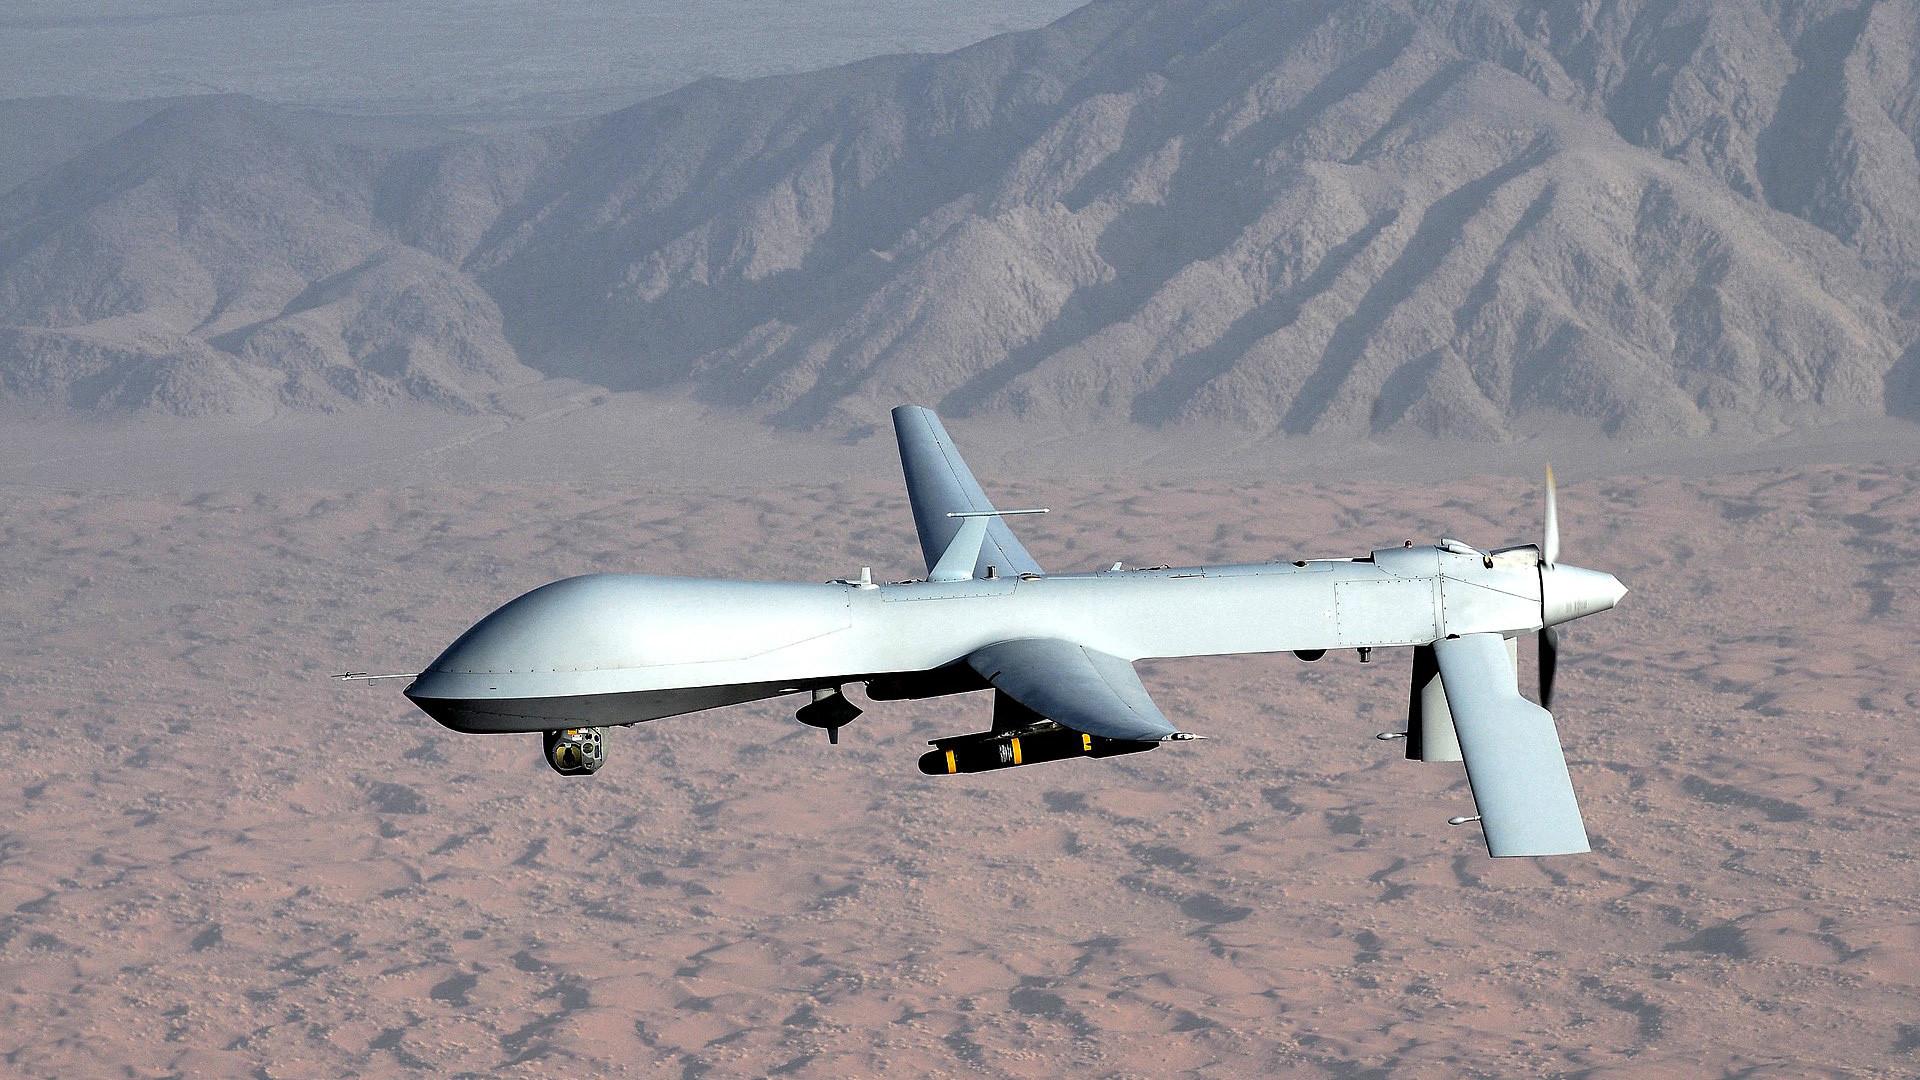 Званичници ратног вздухопловства траже волонтере за предстојећу обуку оператера беспилотног авиона MQ-1 Predator.